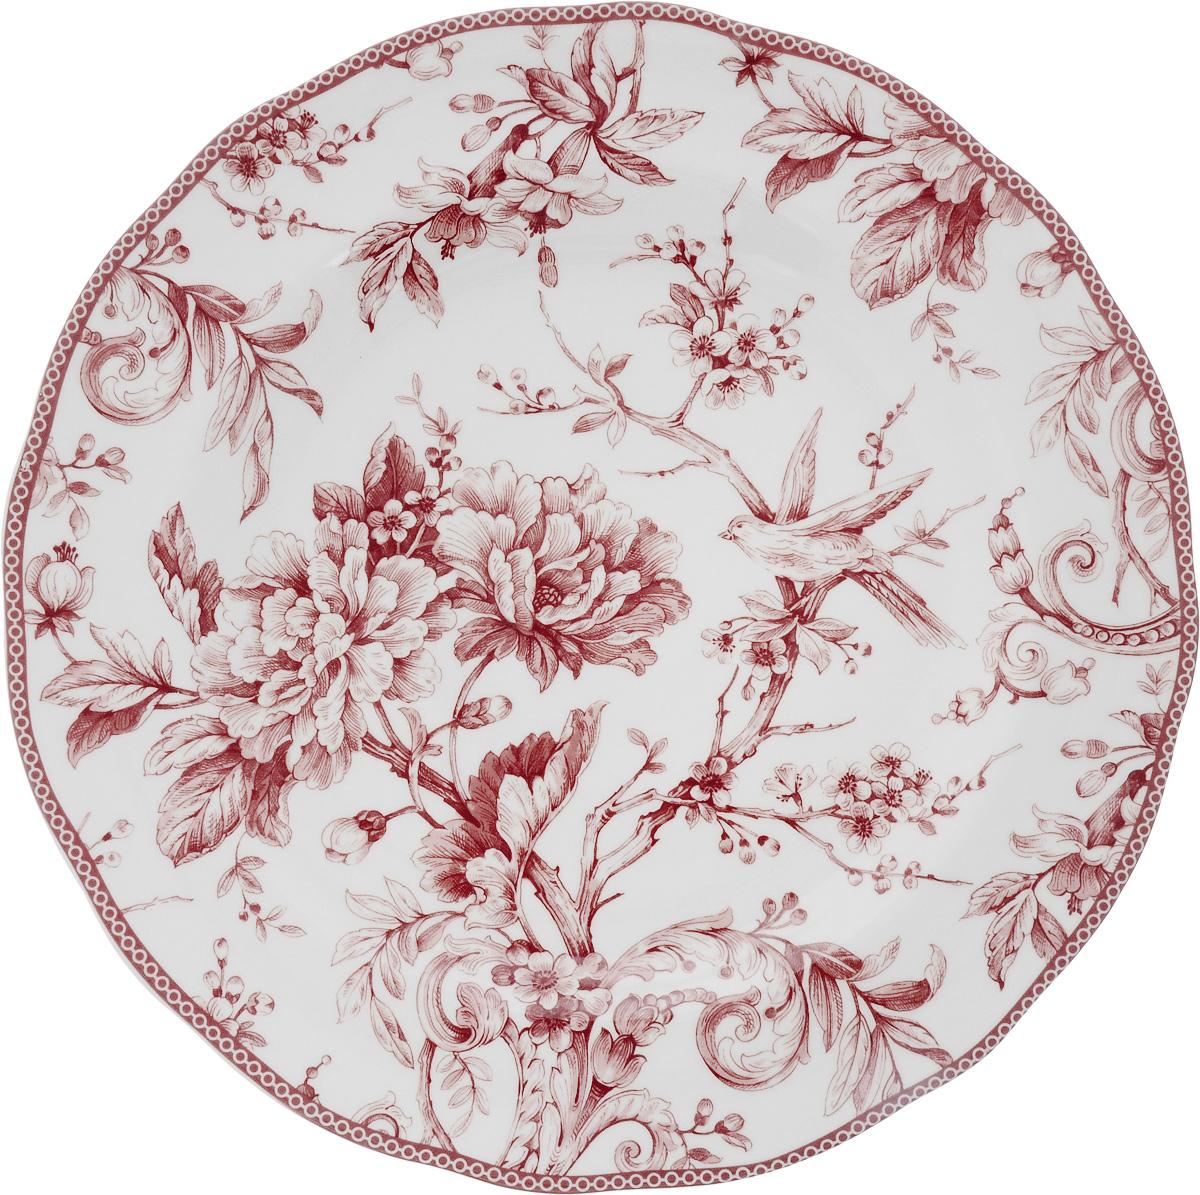 Блюдо Sango Ceramics Аделаида Бордо, диаметр 33 смUTAB97310Круглое блюдо Sango Ceramics Аделаида Бордо, изготовленное из керамики, прекрасно подойдет для подачи нарезок, закусок и других блюд. Изделие, оформленное оригинальным рисунком, украсит сервировку вашего стола и подчеркнет прекрасный вкус хозяйки. Можно мыть в посудомоечной машине и использовать в микроволновой печи. Диаметр блюда (по верхнему краю): 33 см. Высота блюда: 4 см.